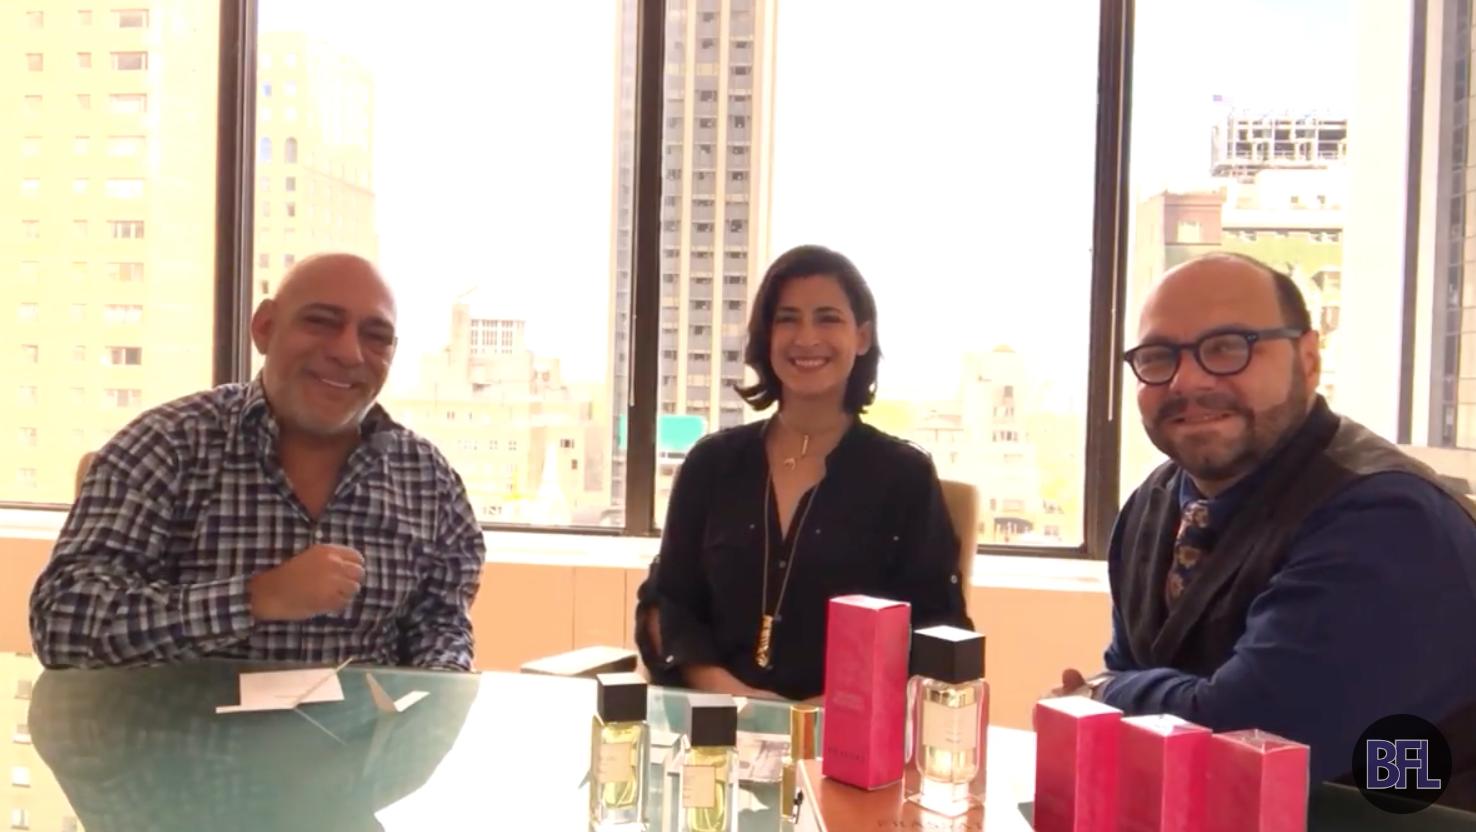 BFL Carlos Powell interviews FRASSAI founder Natalia Outeda and nose Rodrigo Flores-Roux